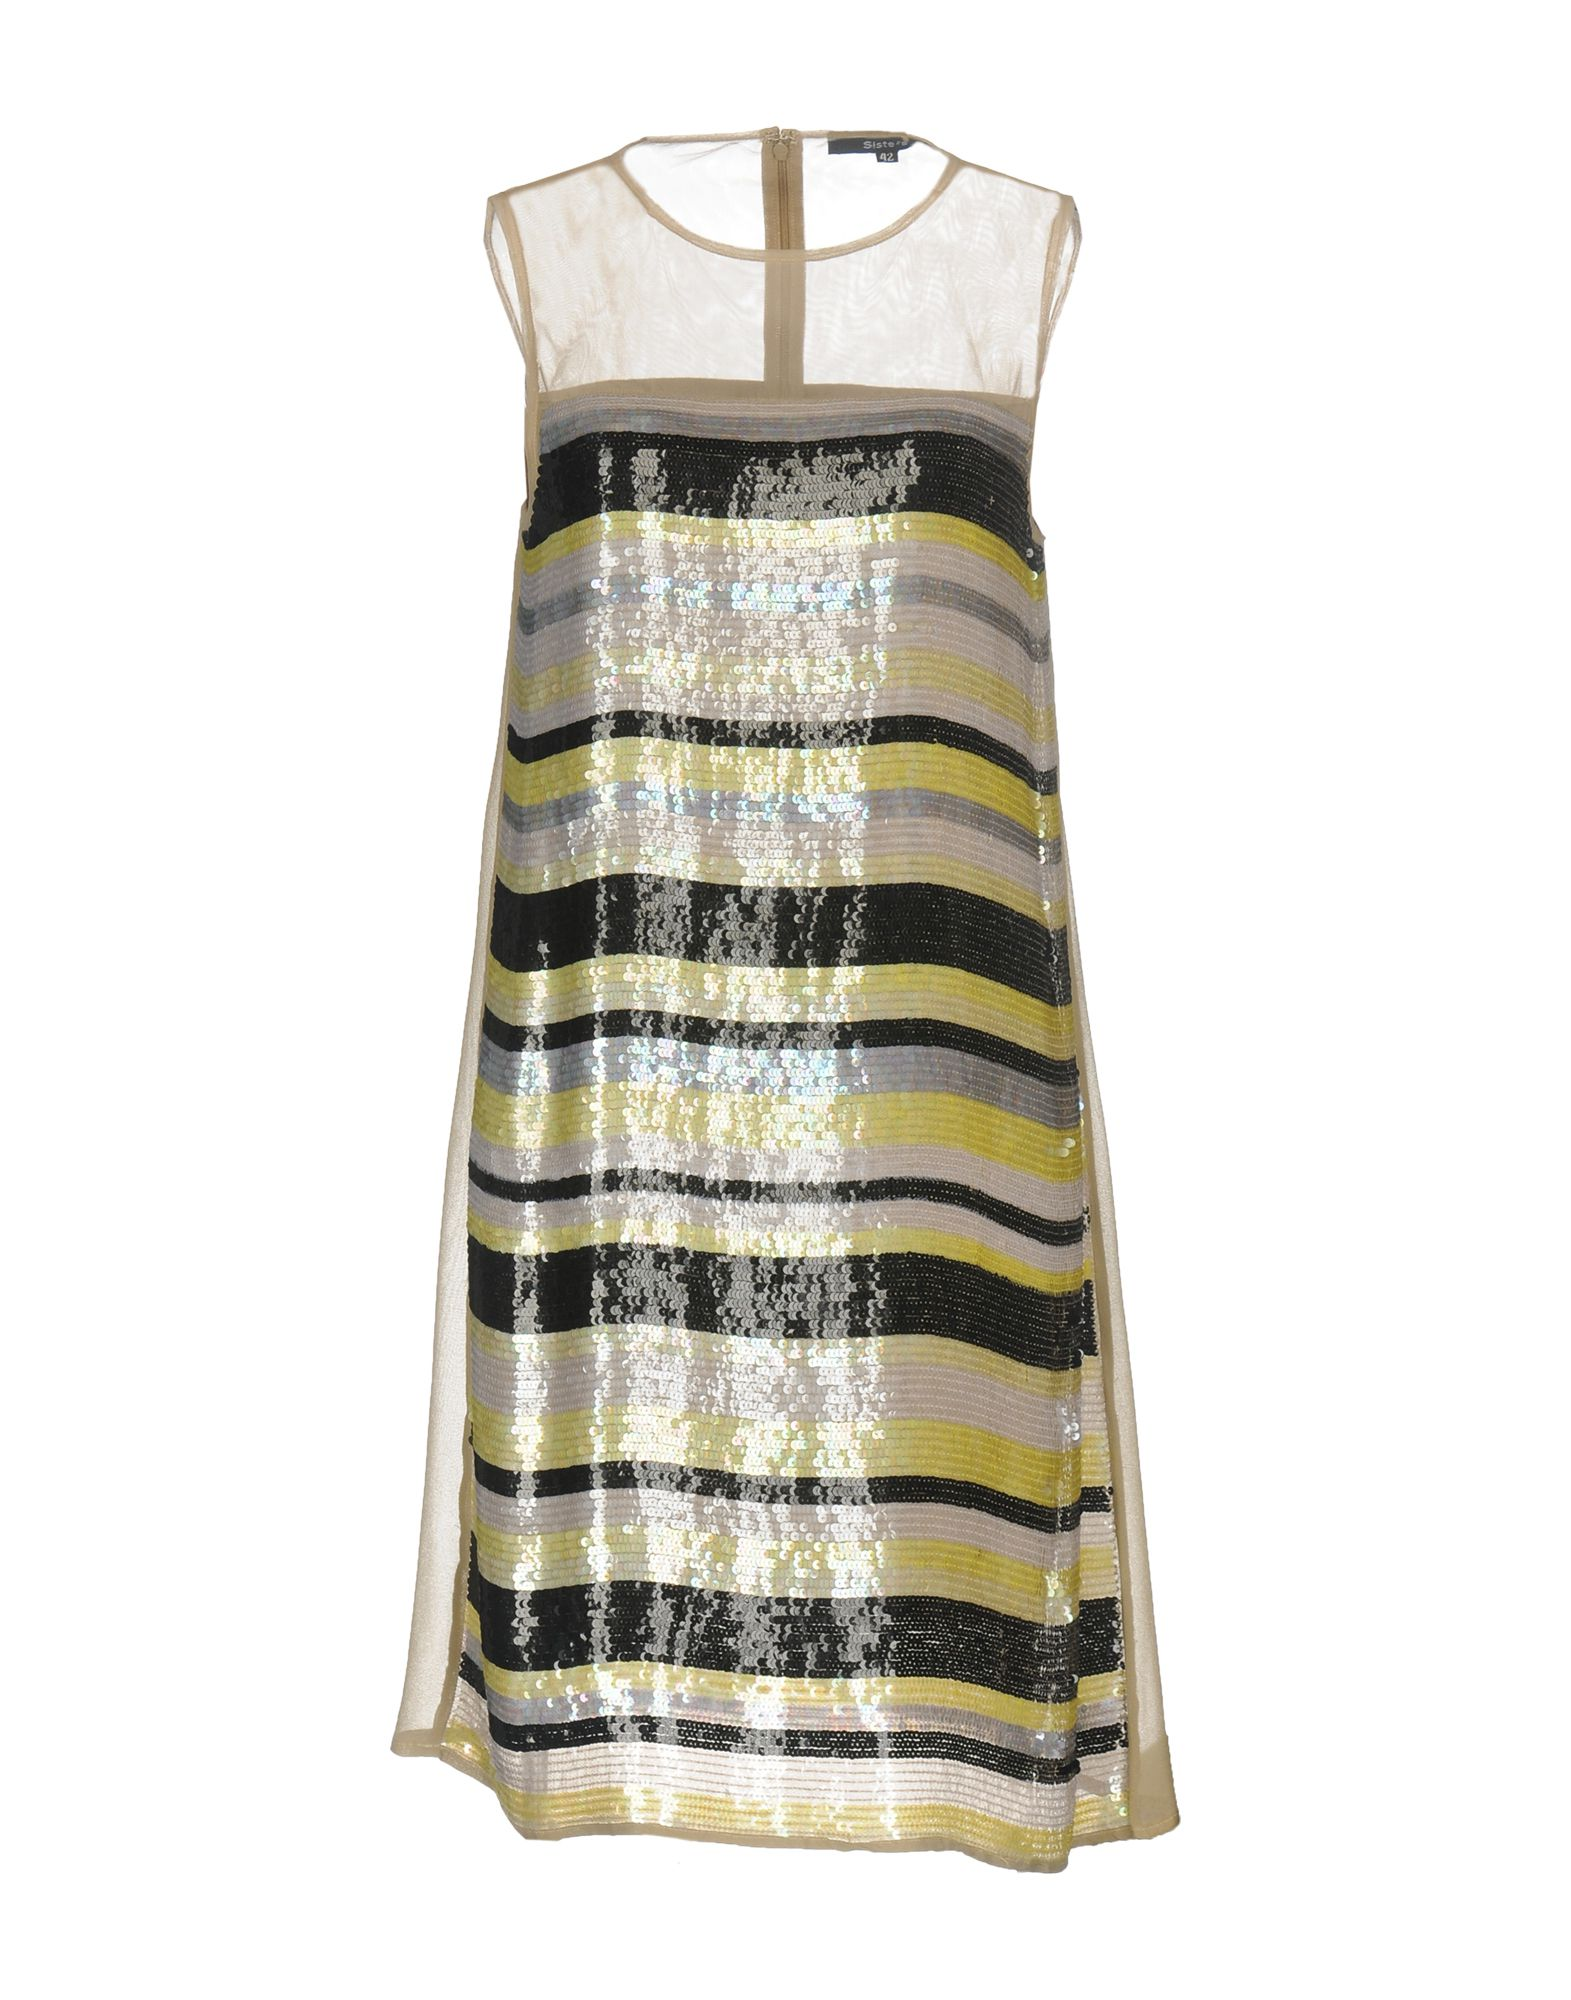 SISTE´ S Damen Kurzes Kleid Farbe Hellgrün Größe 7 jetztbilligerkaufen